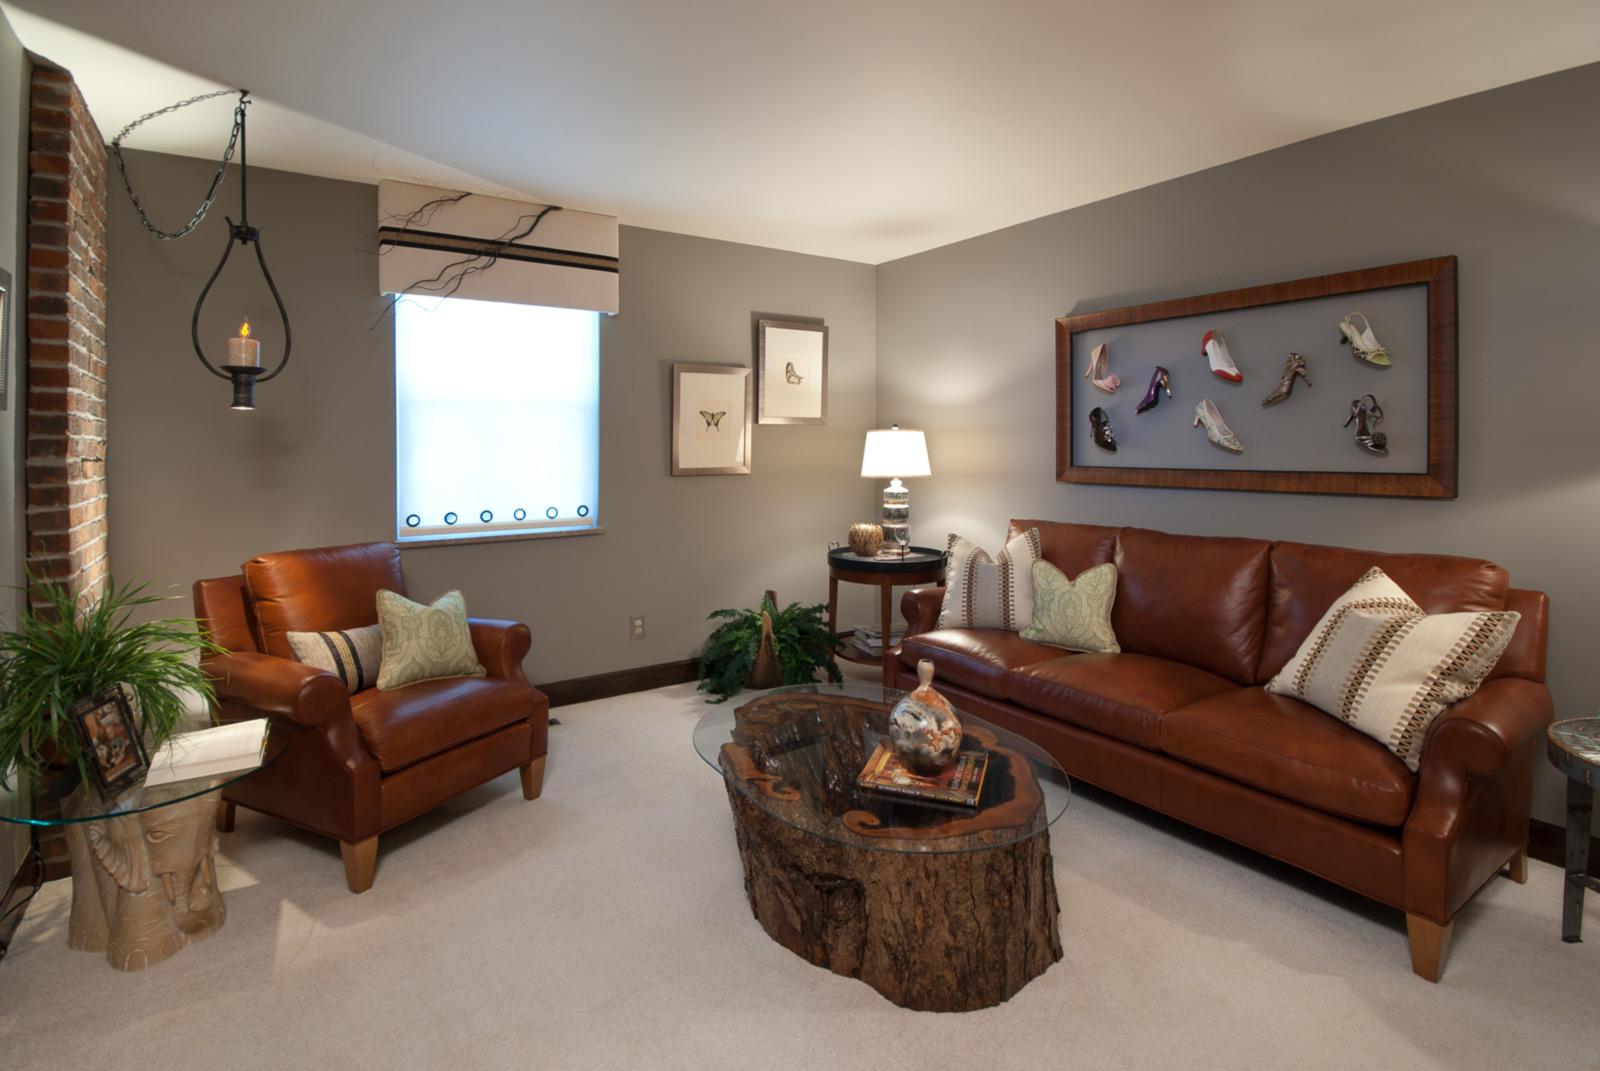 Living Room Design, Living Room Decor & Ideas | Kellie Toole on Living Room Decor  id=52256